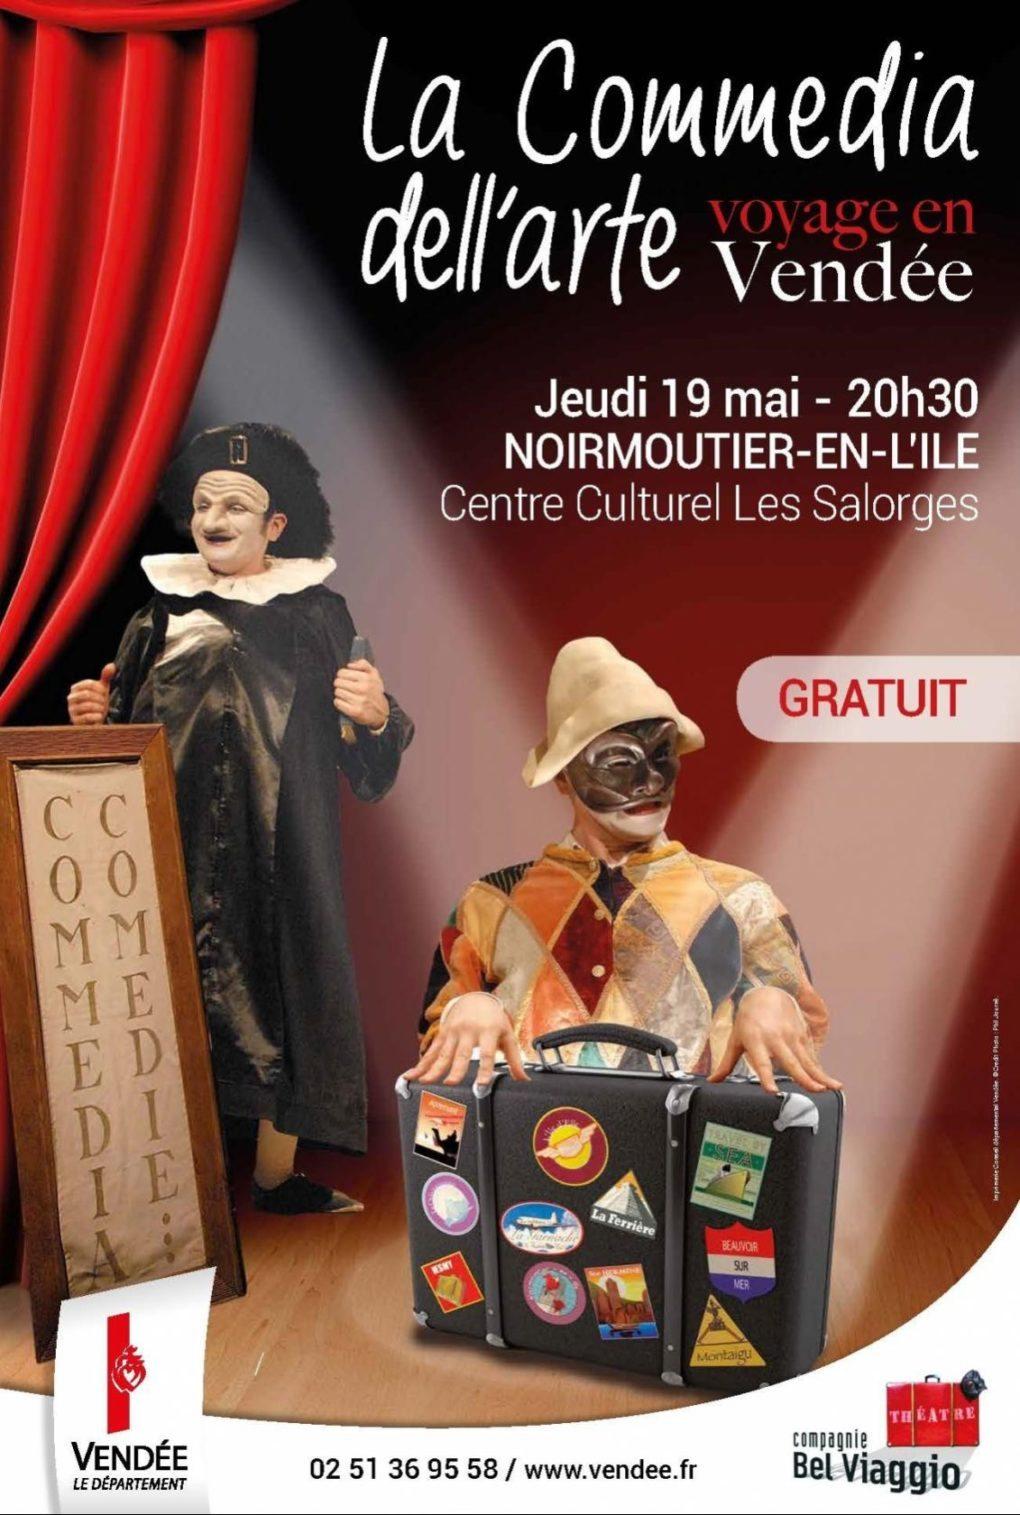 La Commedia dell arte voyage en Vendée Noirmoutier-en-l'Île